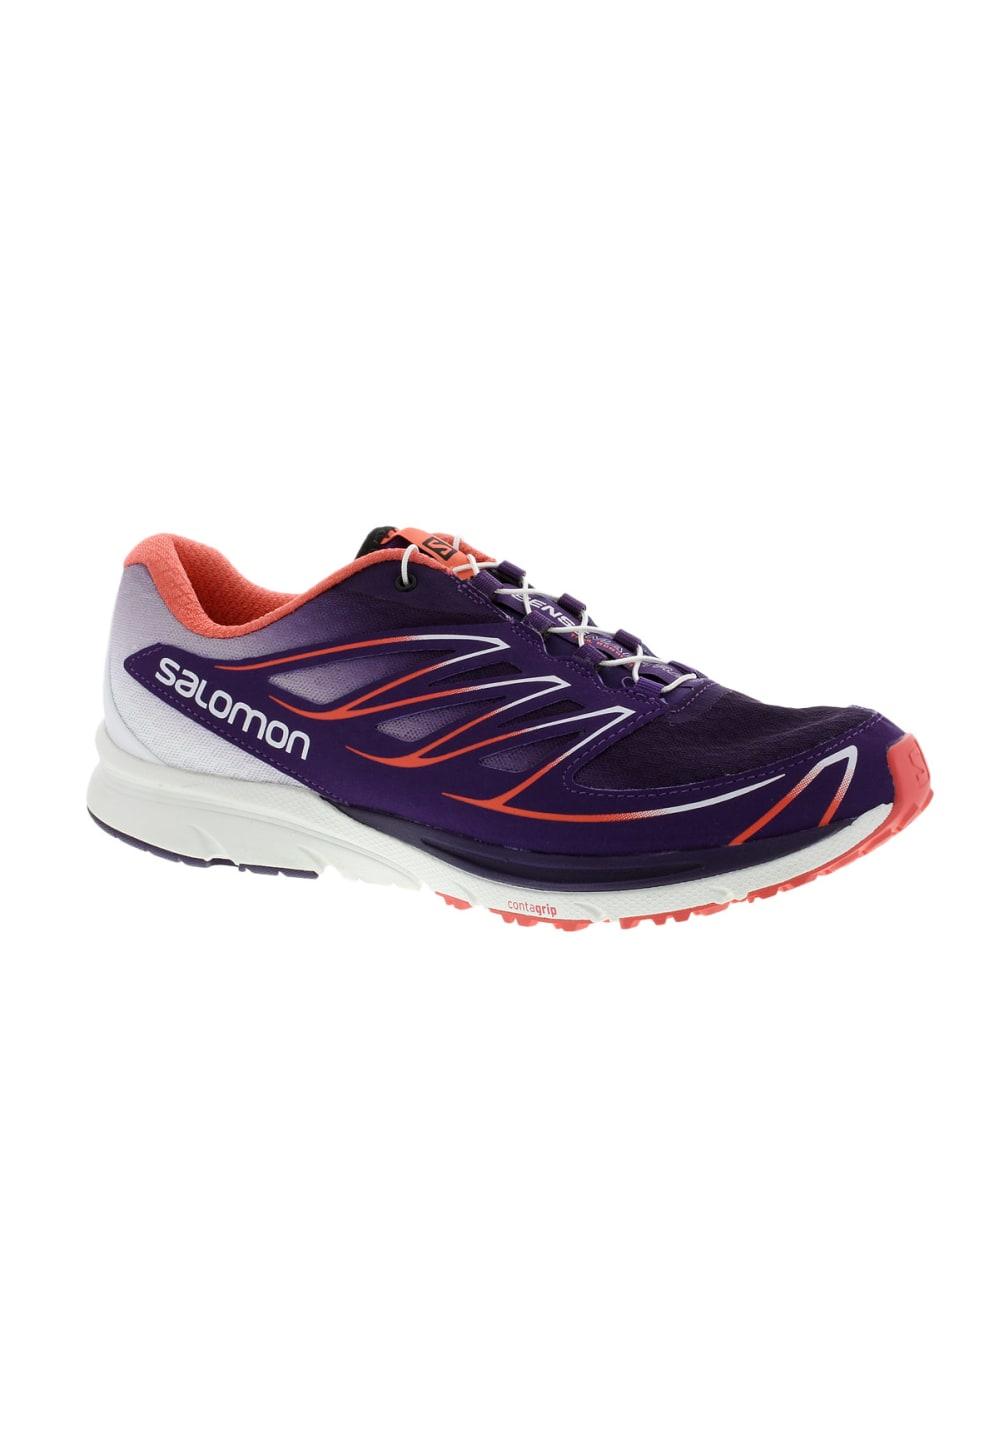 Salomon Sense Mantra 3 Femmes Chaussures running